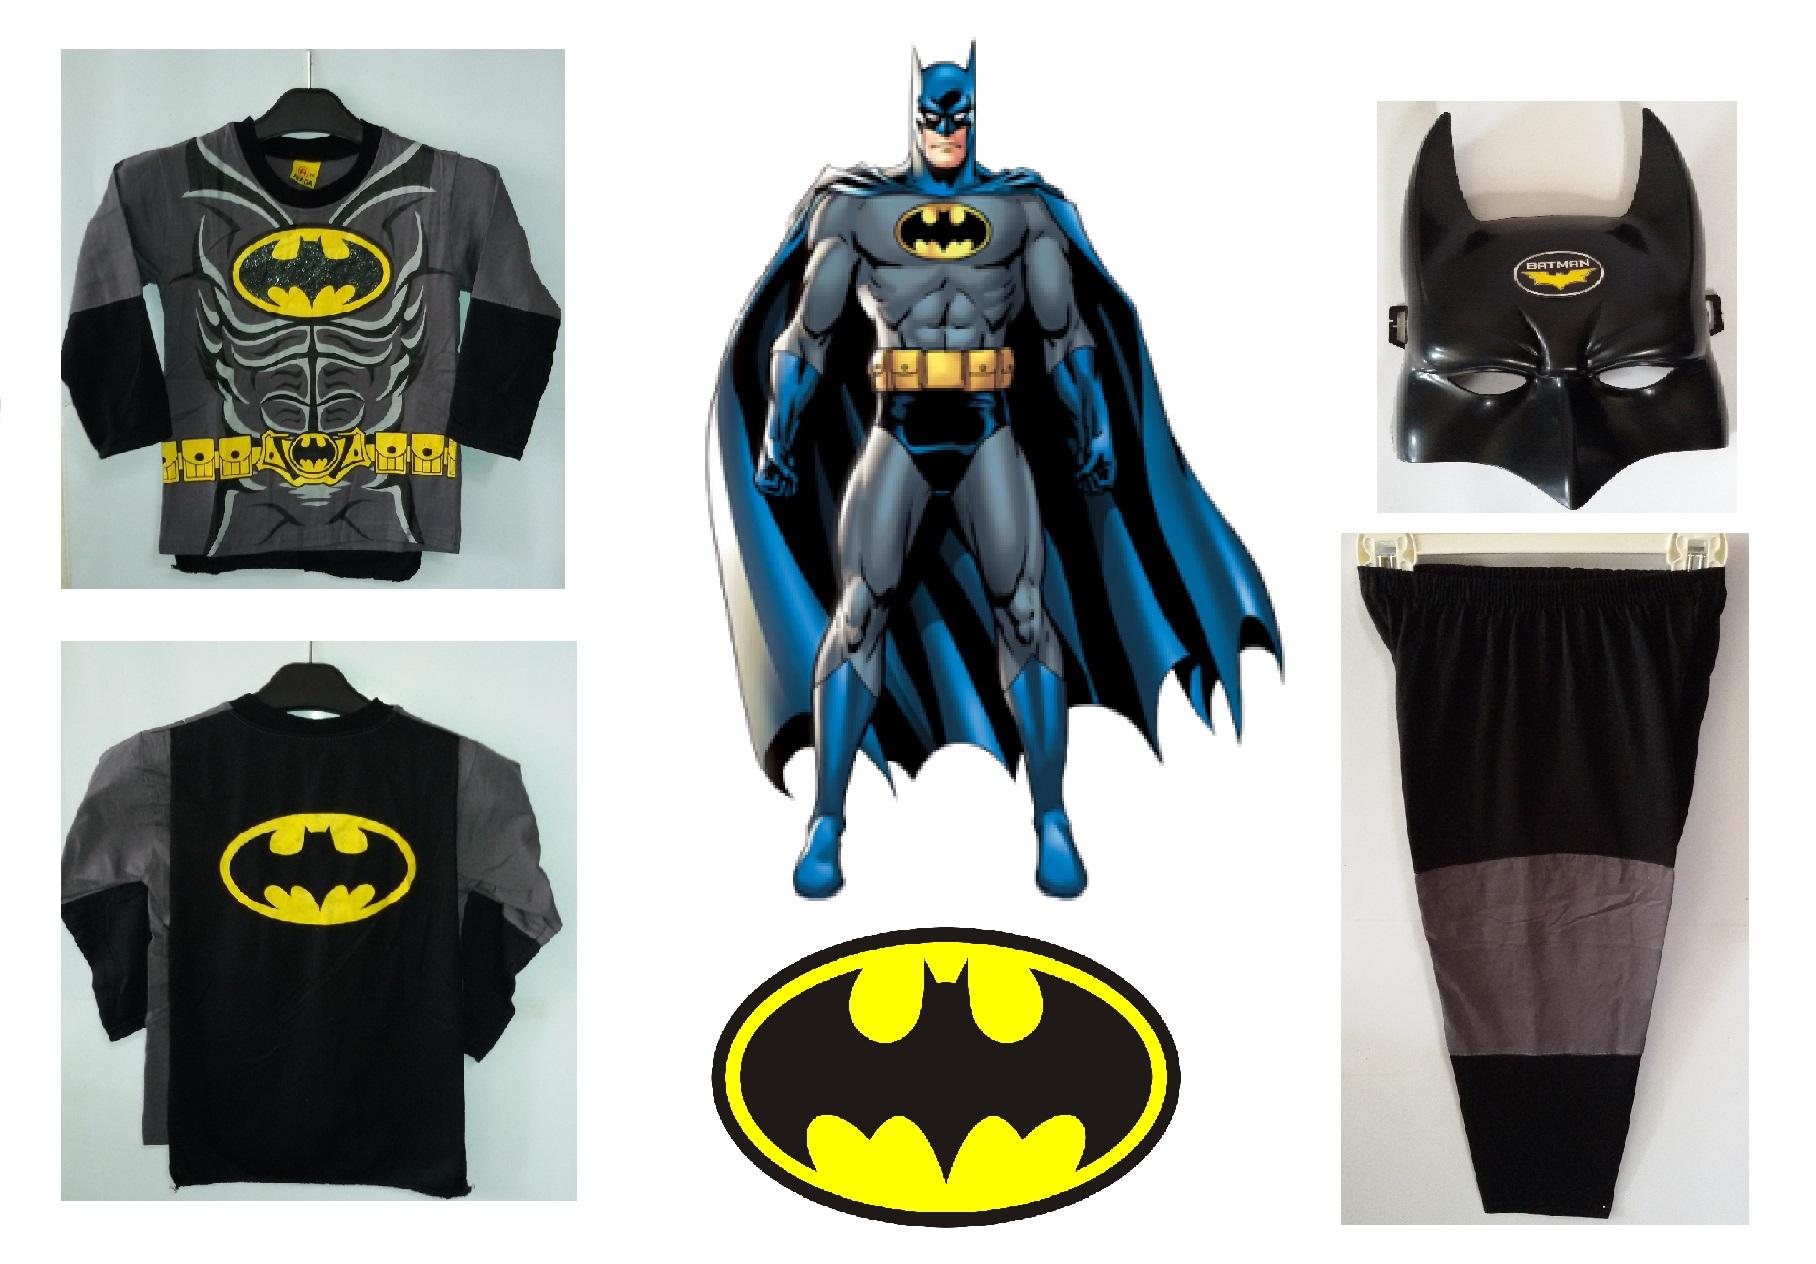 6518094_f53ee912 9b2c 4c01 b9ca 08d17d110ff9 jual baju anak kostum topeng batman toko baju tatitu tokopedia,Baju Anak Anak Batman